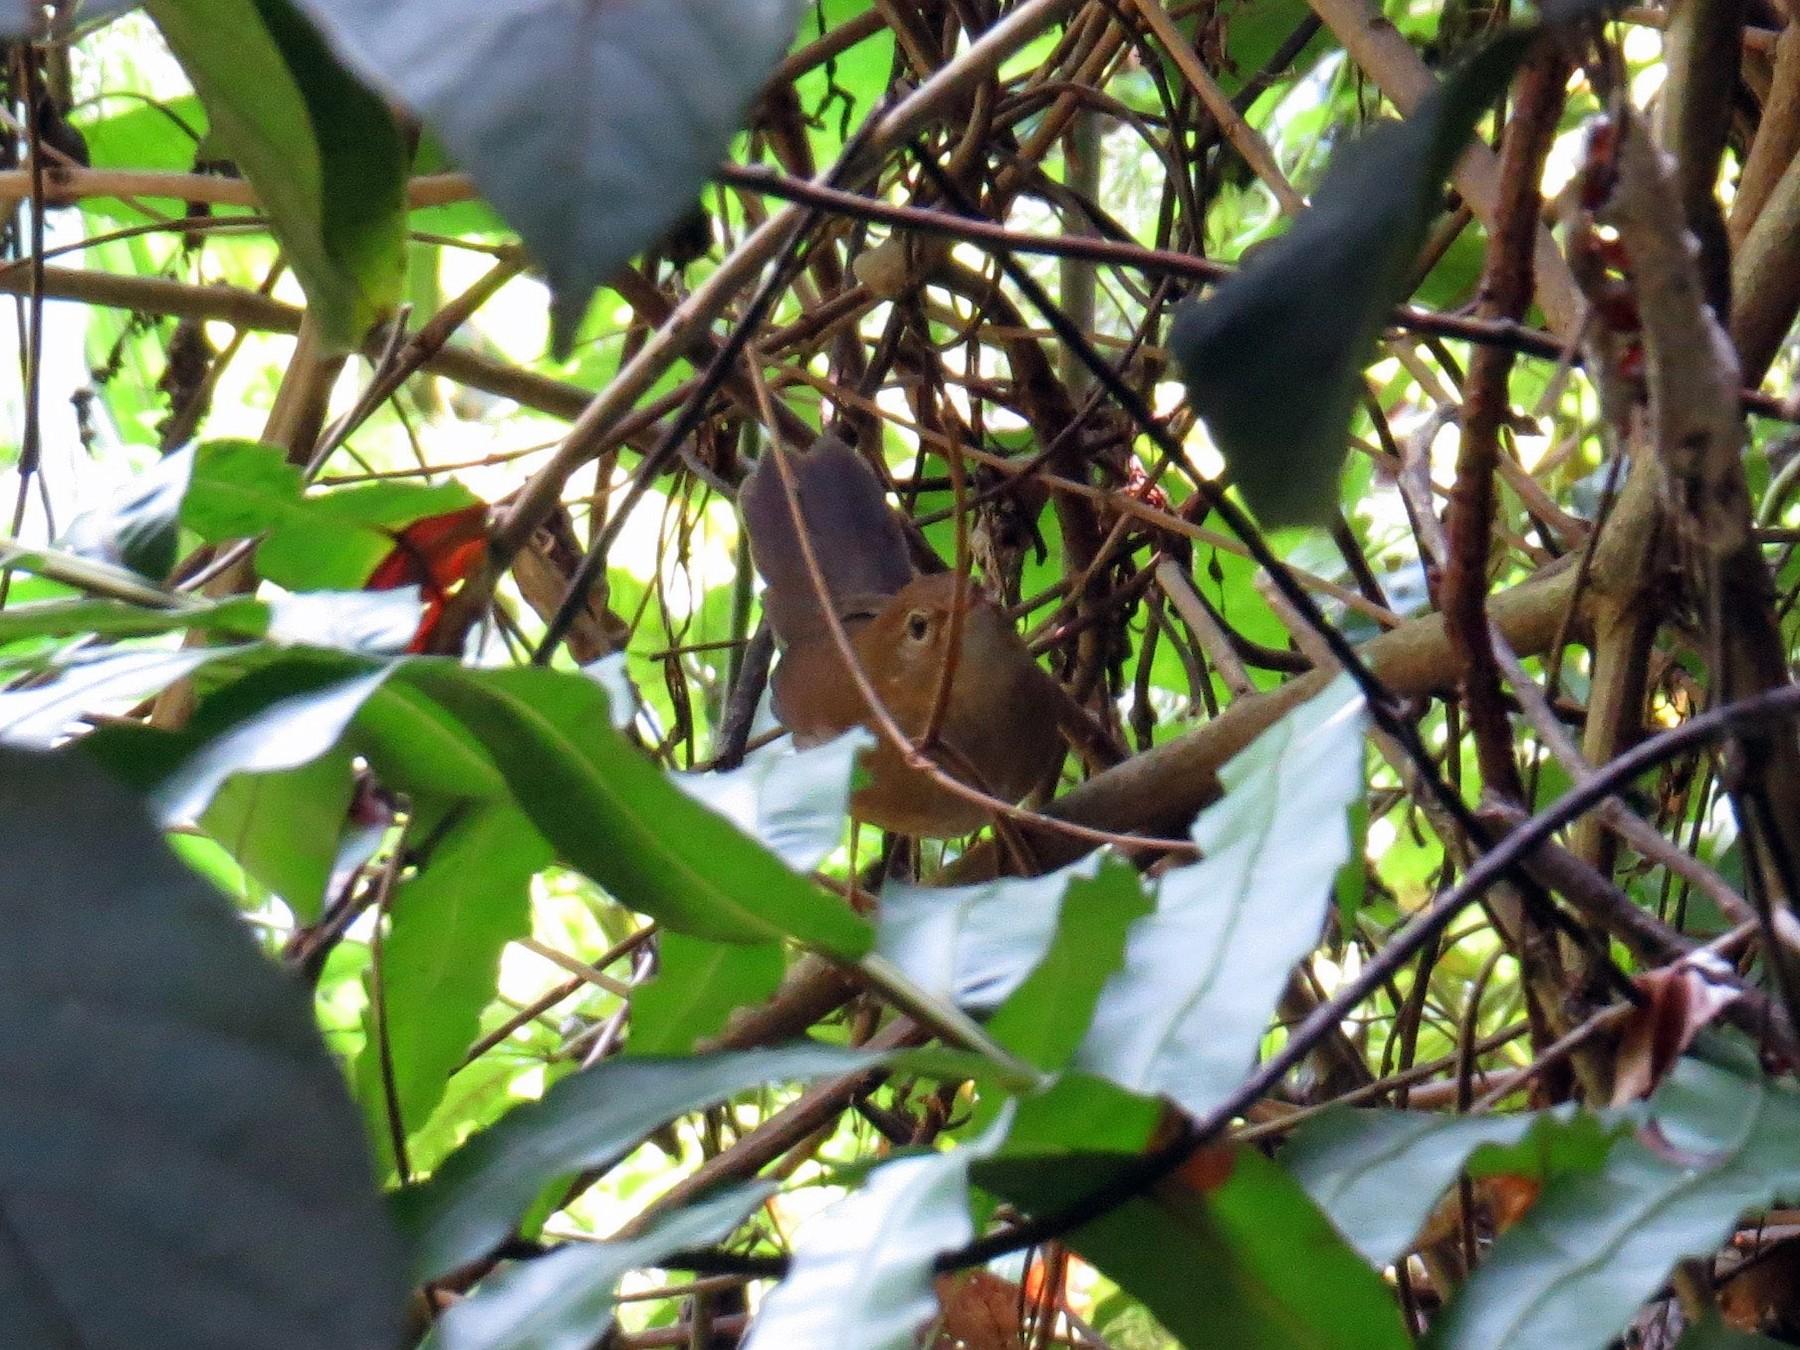 Brown Bush Warbler - Dylan Thomas